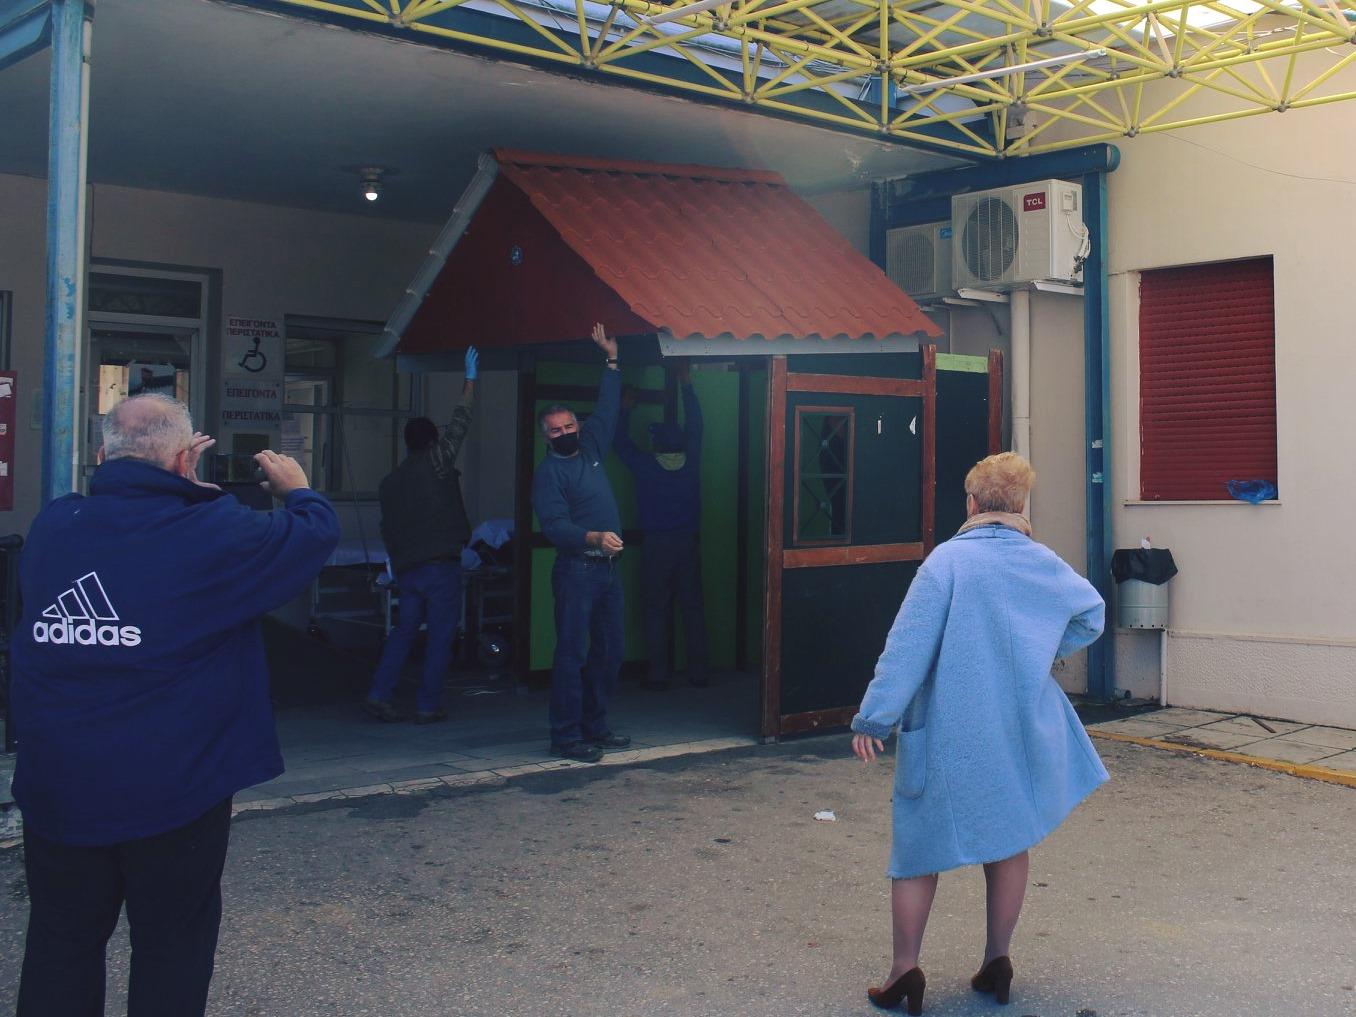 Αμαλιάδα: Έστησαν περίπτερο στην είσοδο της Νοσηλευτικής Μονάδας για προστασία προσωπικού και ασθενών από τον κορωνοιό (photos)